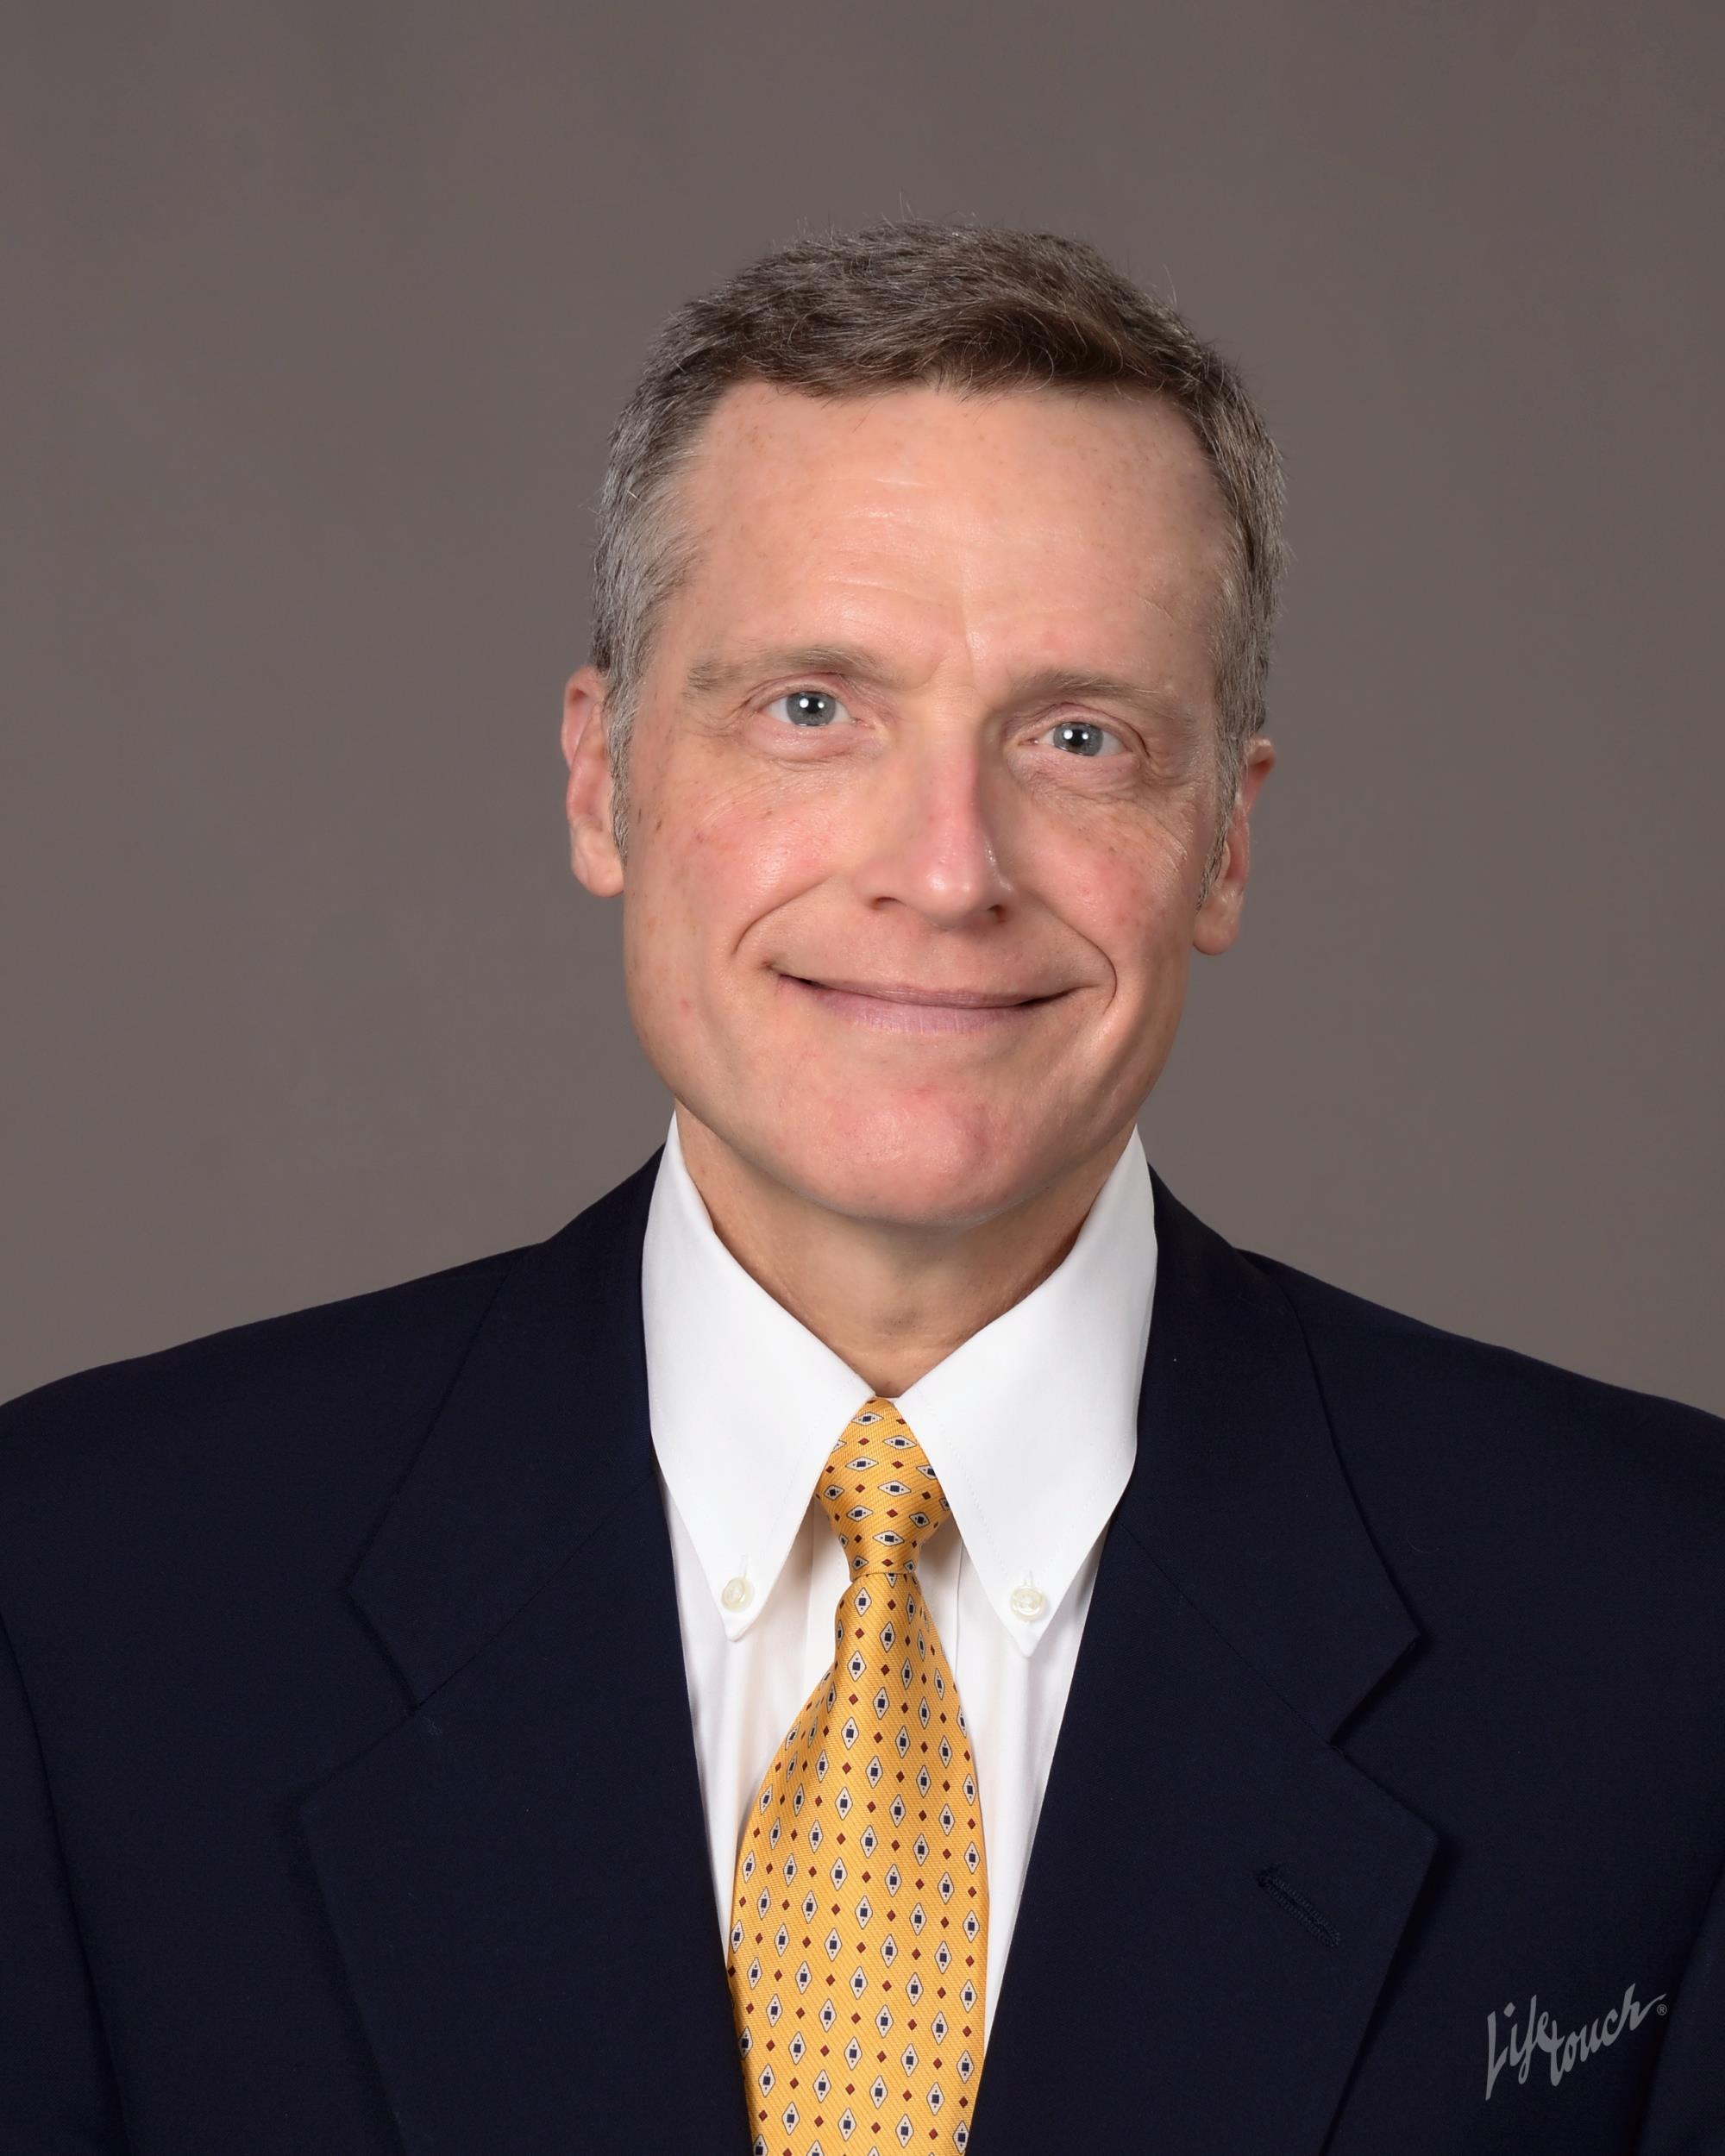 Scott K. Clark, M.D.